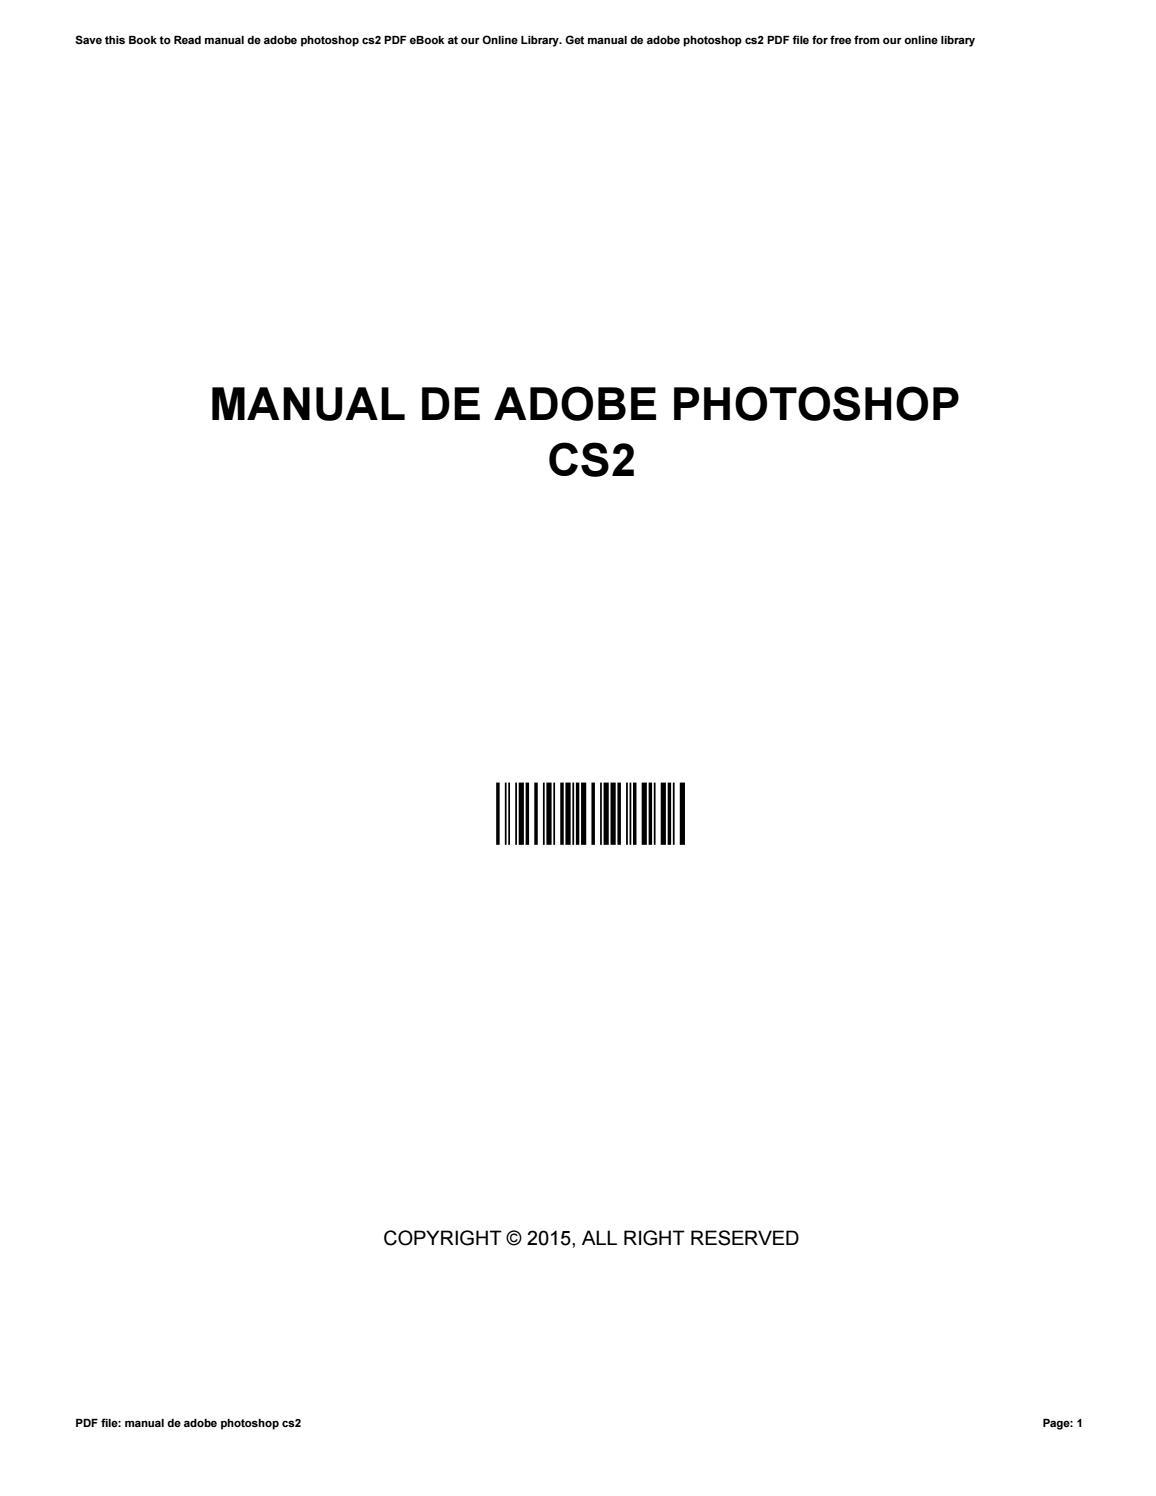 manual de adobe photoshop cs2 by lorenwinters3357 issuu rh issuu com manual photoshop cs2 manual adobe photoshop cs2 pdf